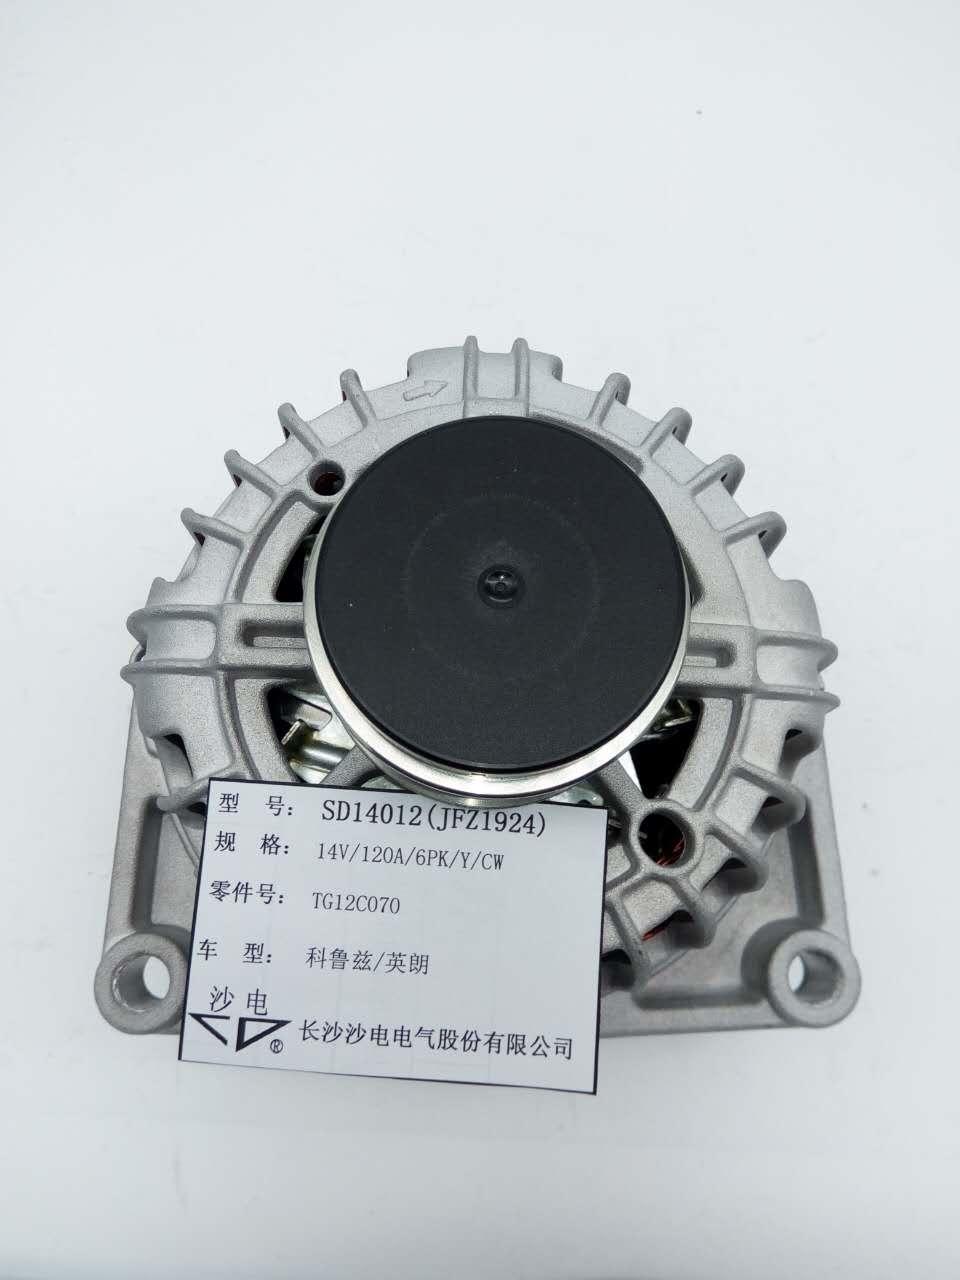 Excelle 1.8L alternator TG12C070 SD14012